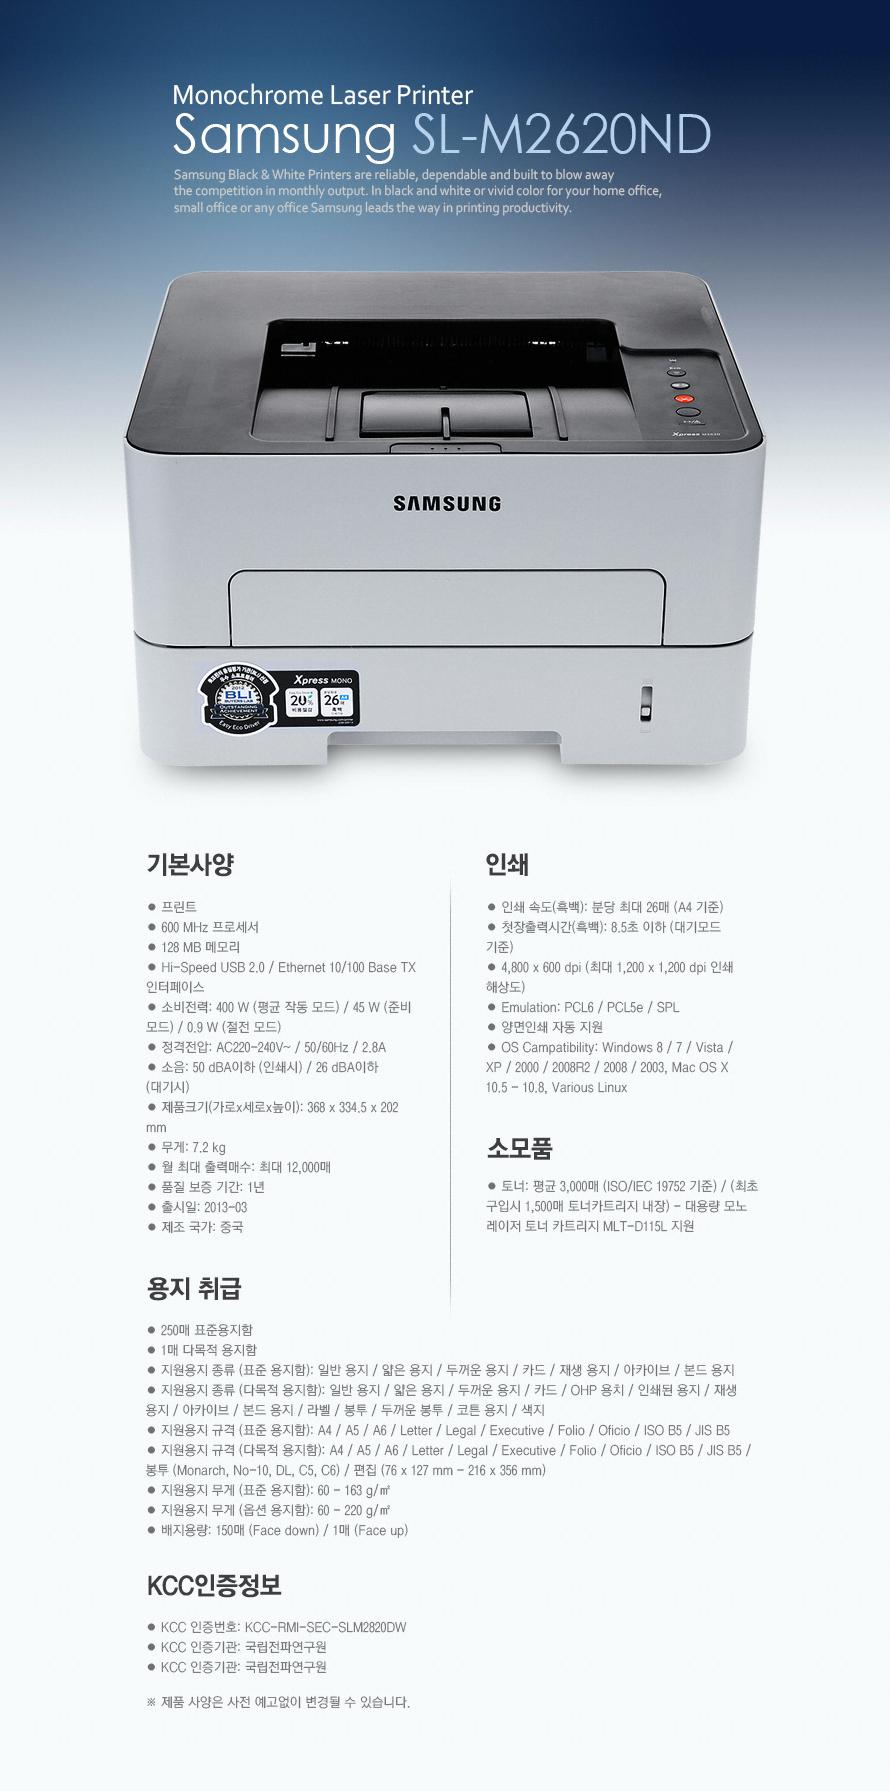 삼성 레이져 프린터 SL-M2620ND 스펙부